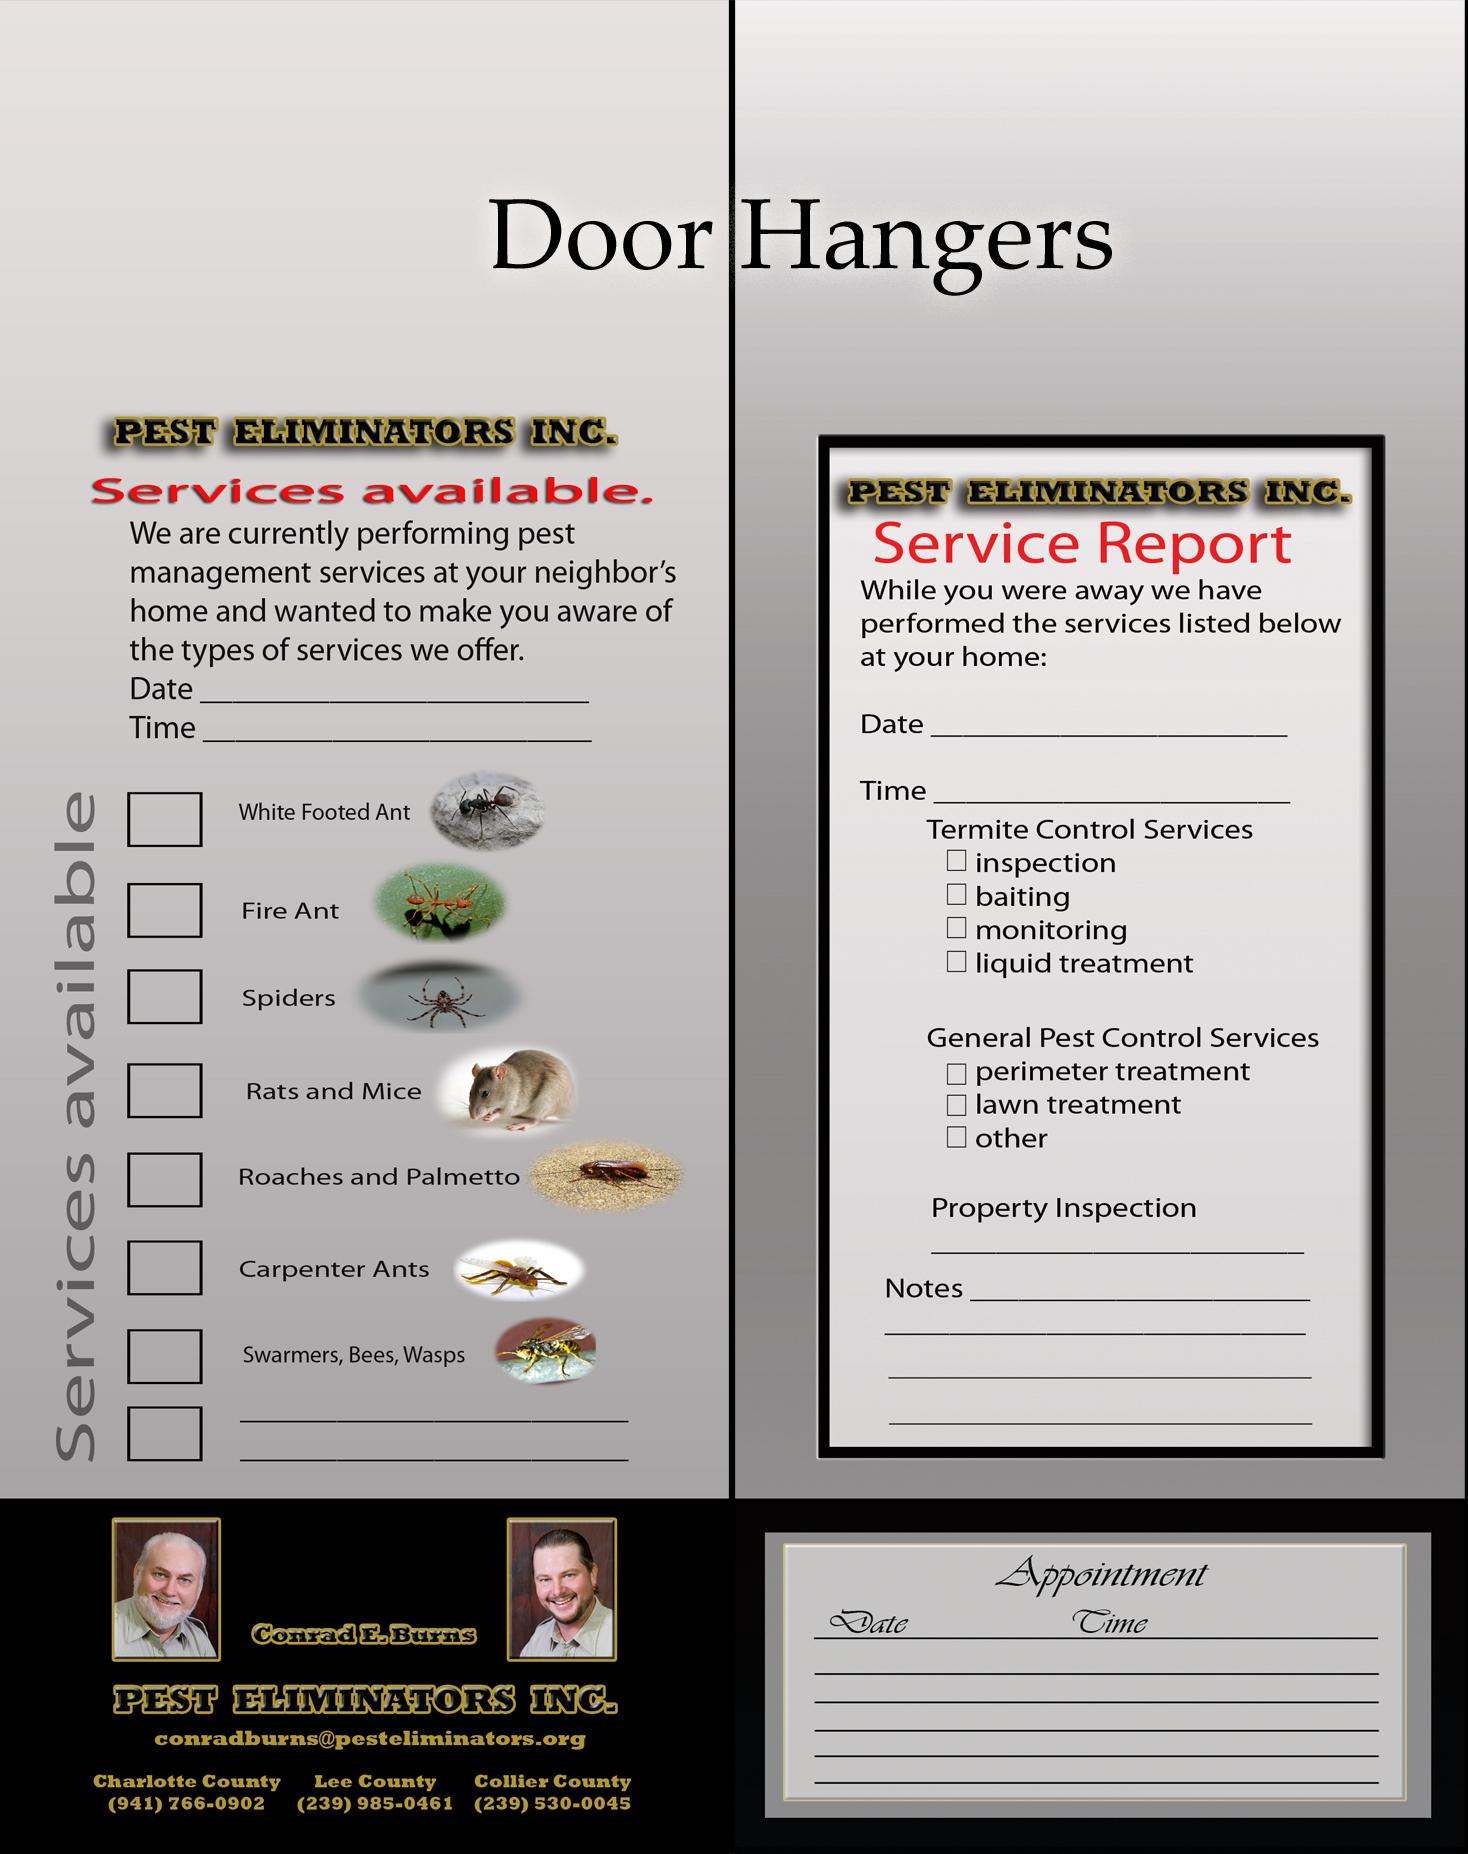 Door Hanger - LargeFrt062608